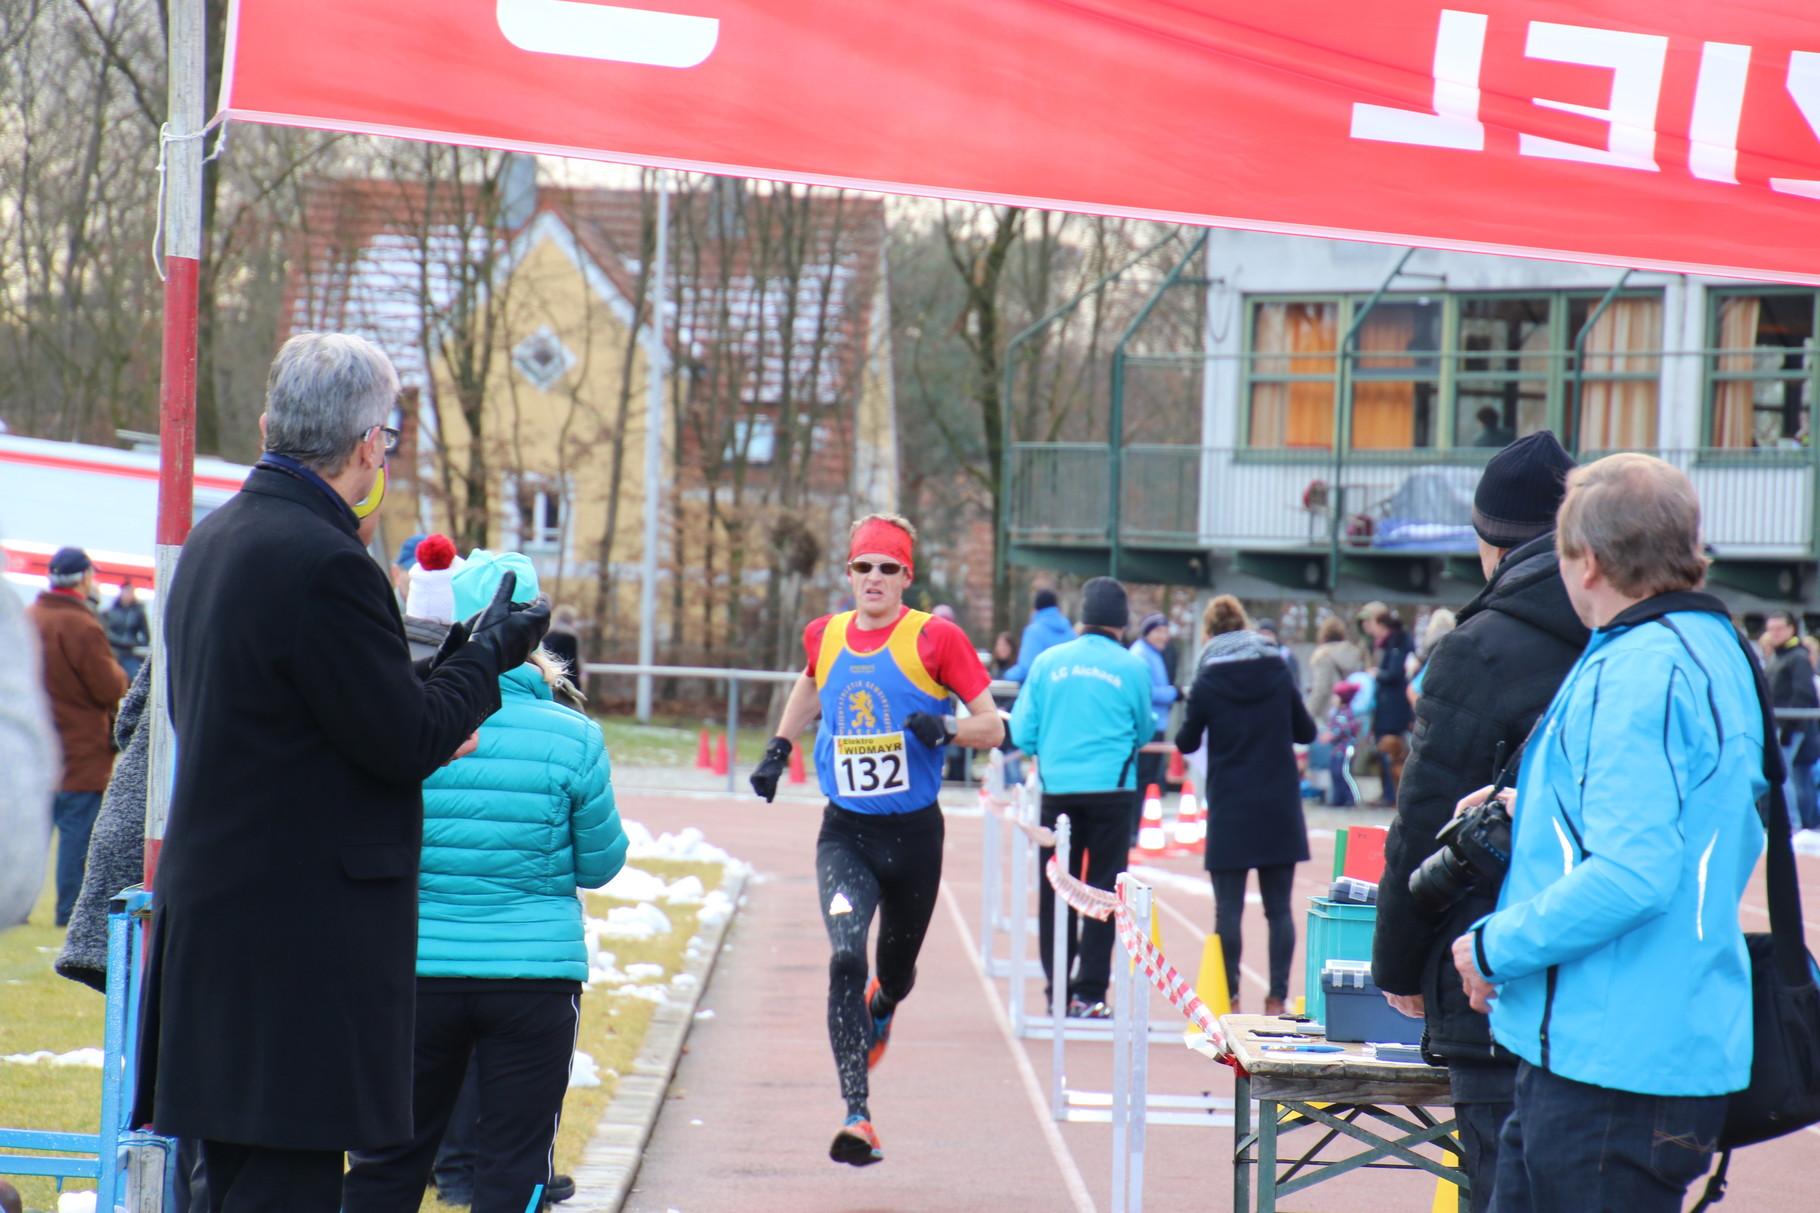 3.Platz Männer: Schouren Frank LG Passau